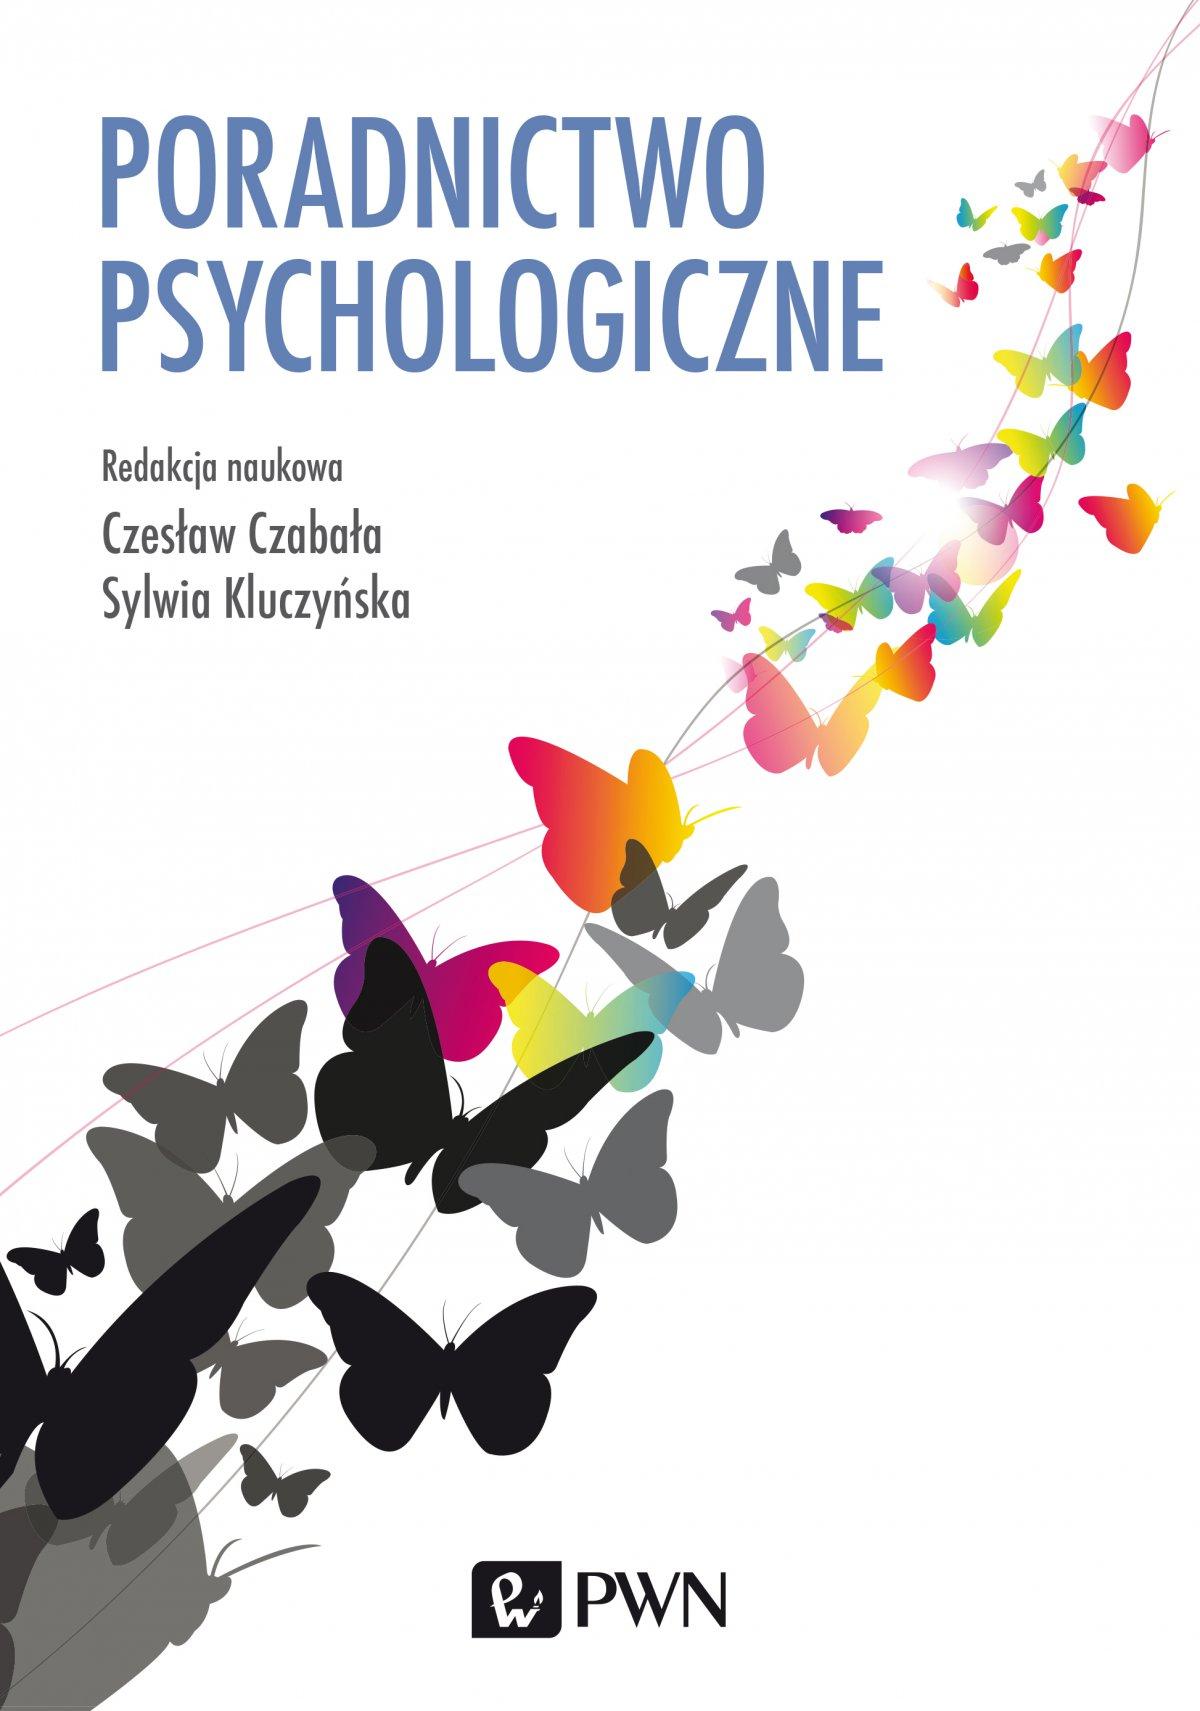 Poradnictwo psychologiczne - Ebook (Książka EPUB) do pobrania w formacie EPUB